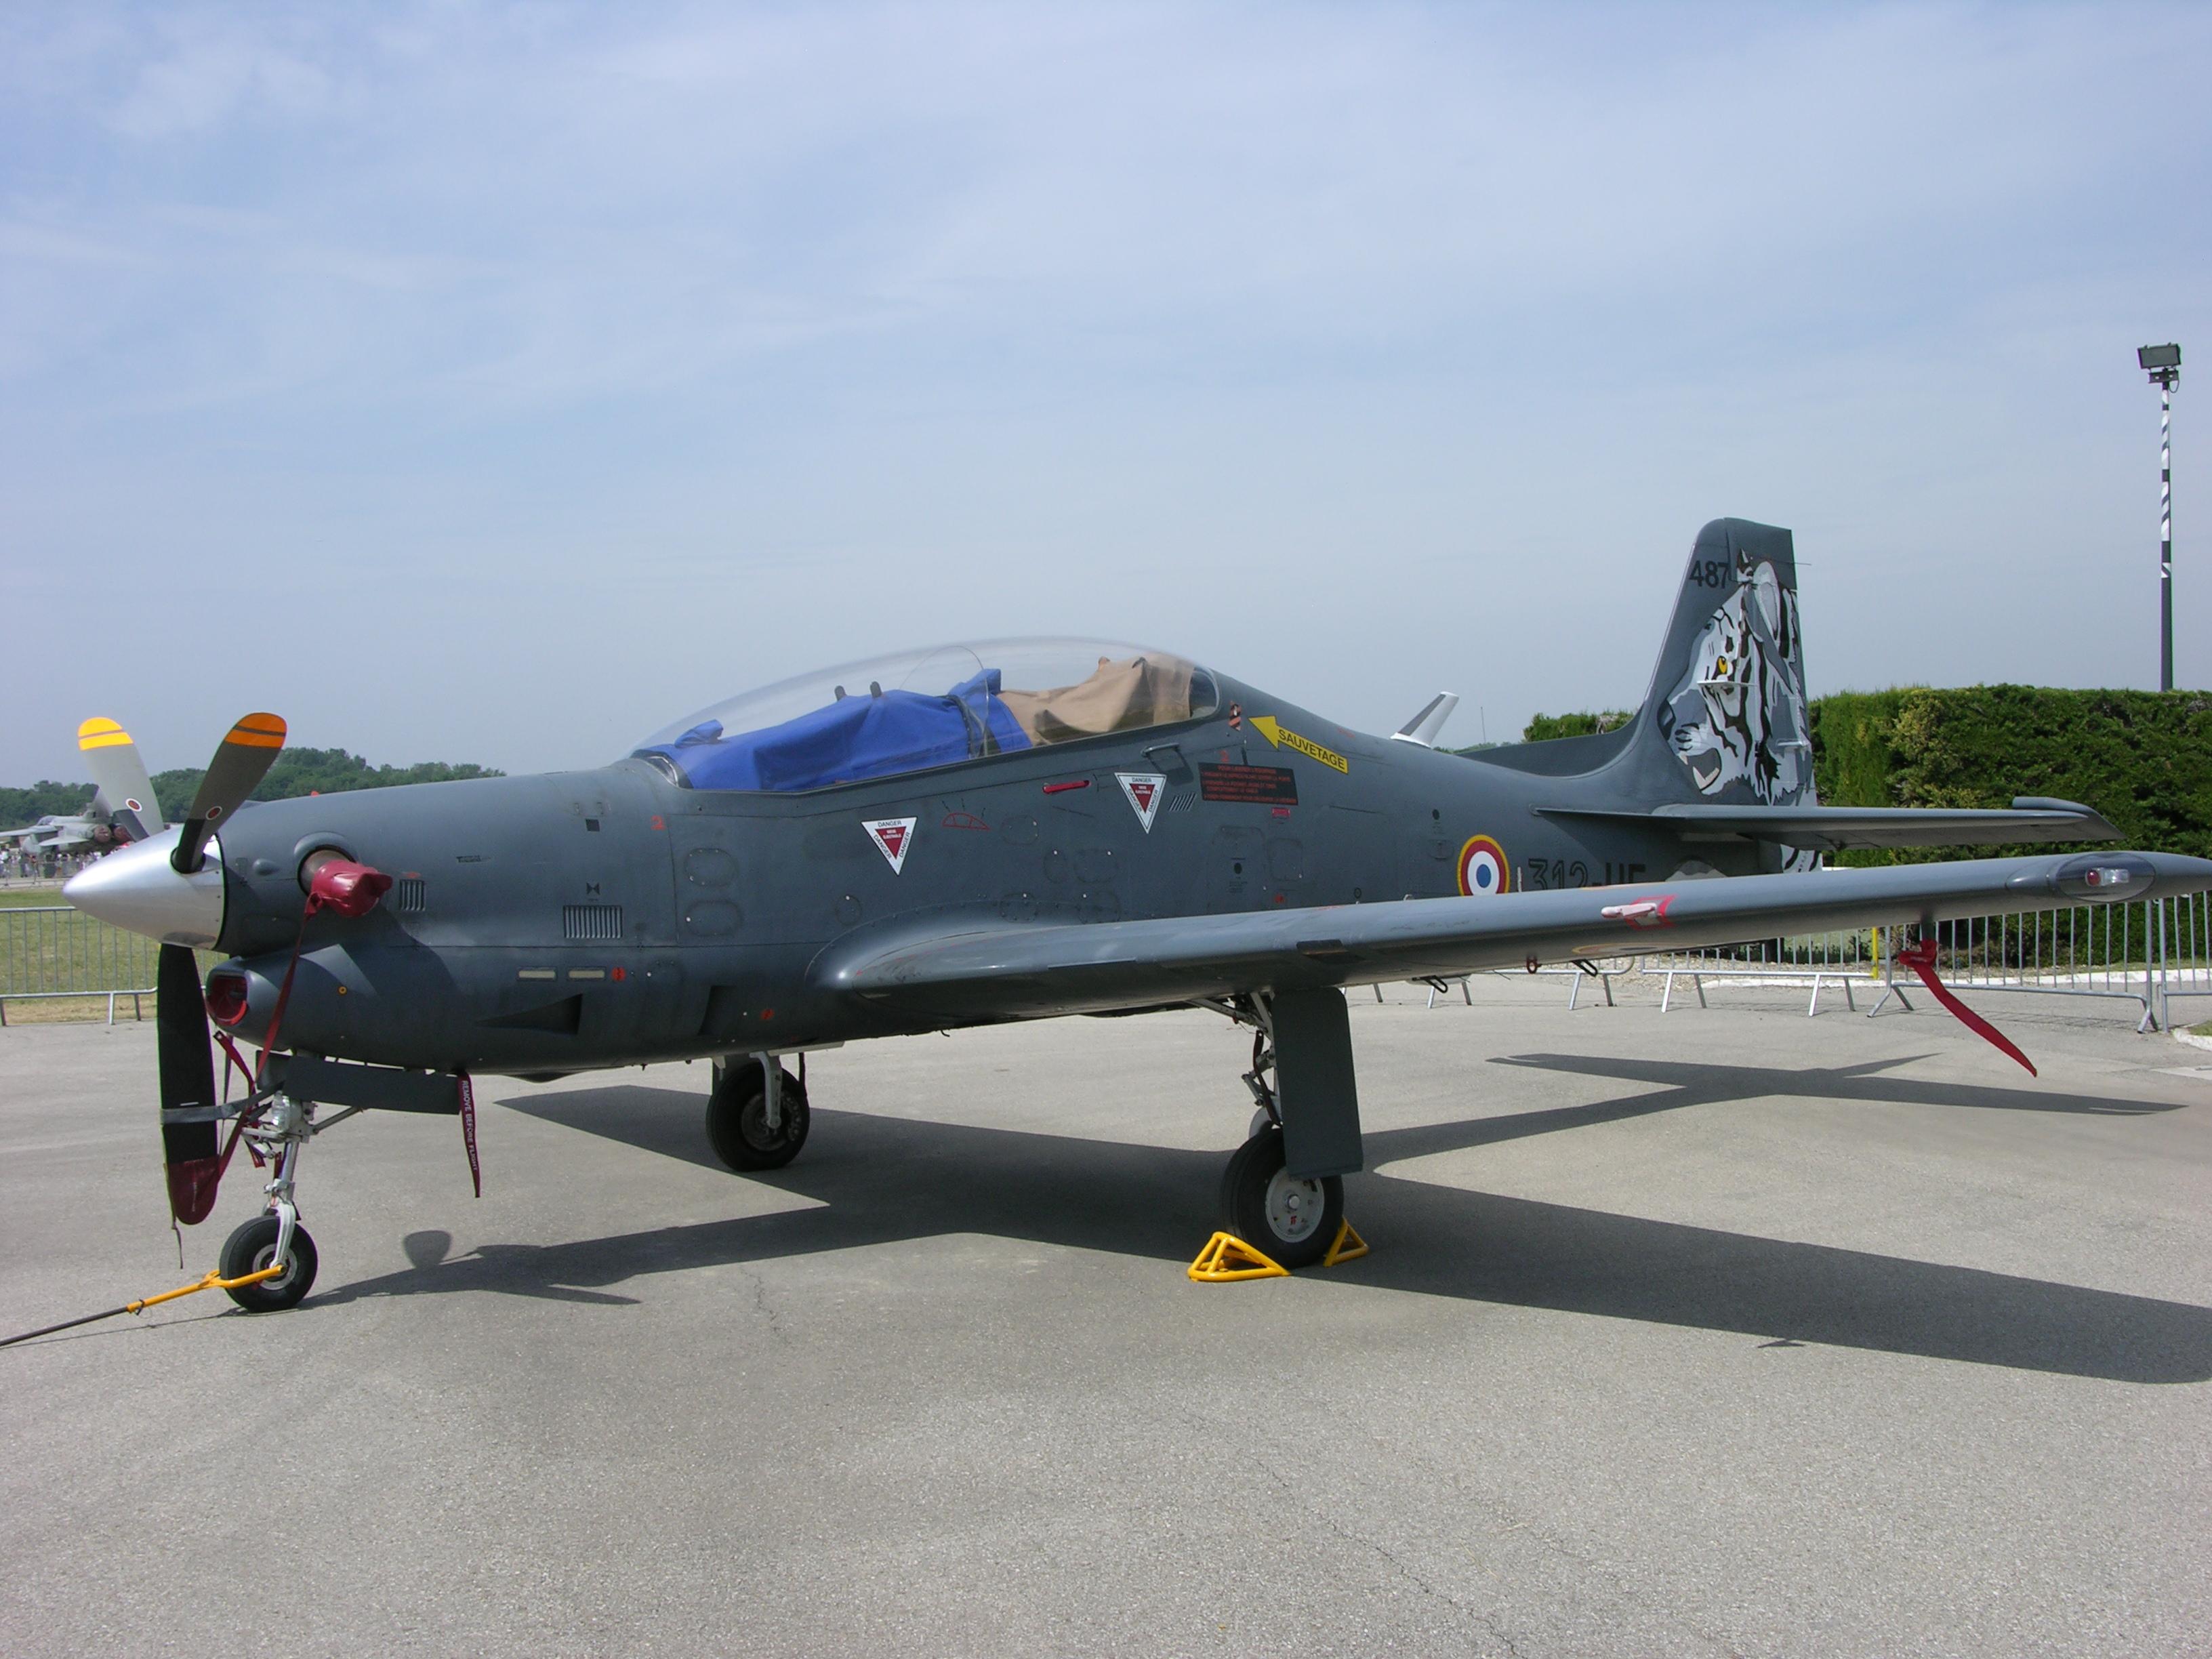 File:487 312-UF Embraer 312F Tucano DV 05.312 BA701 Salon de Provence.